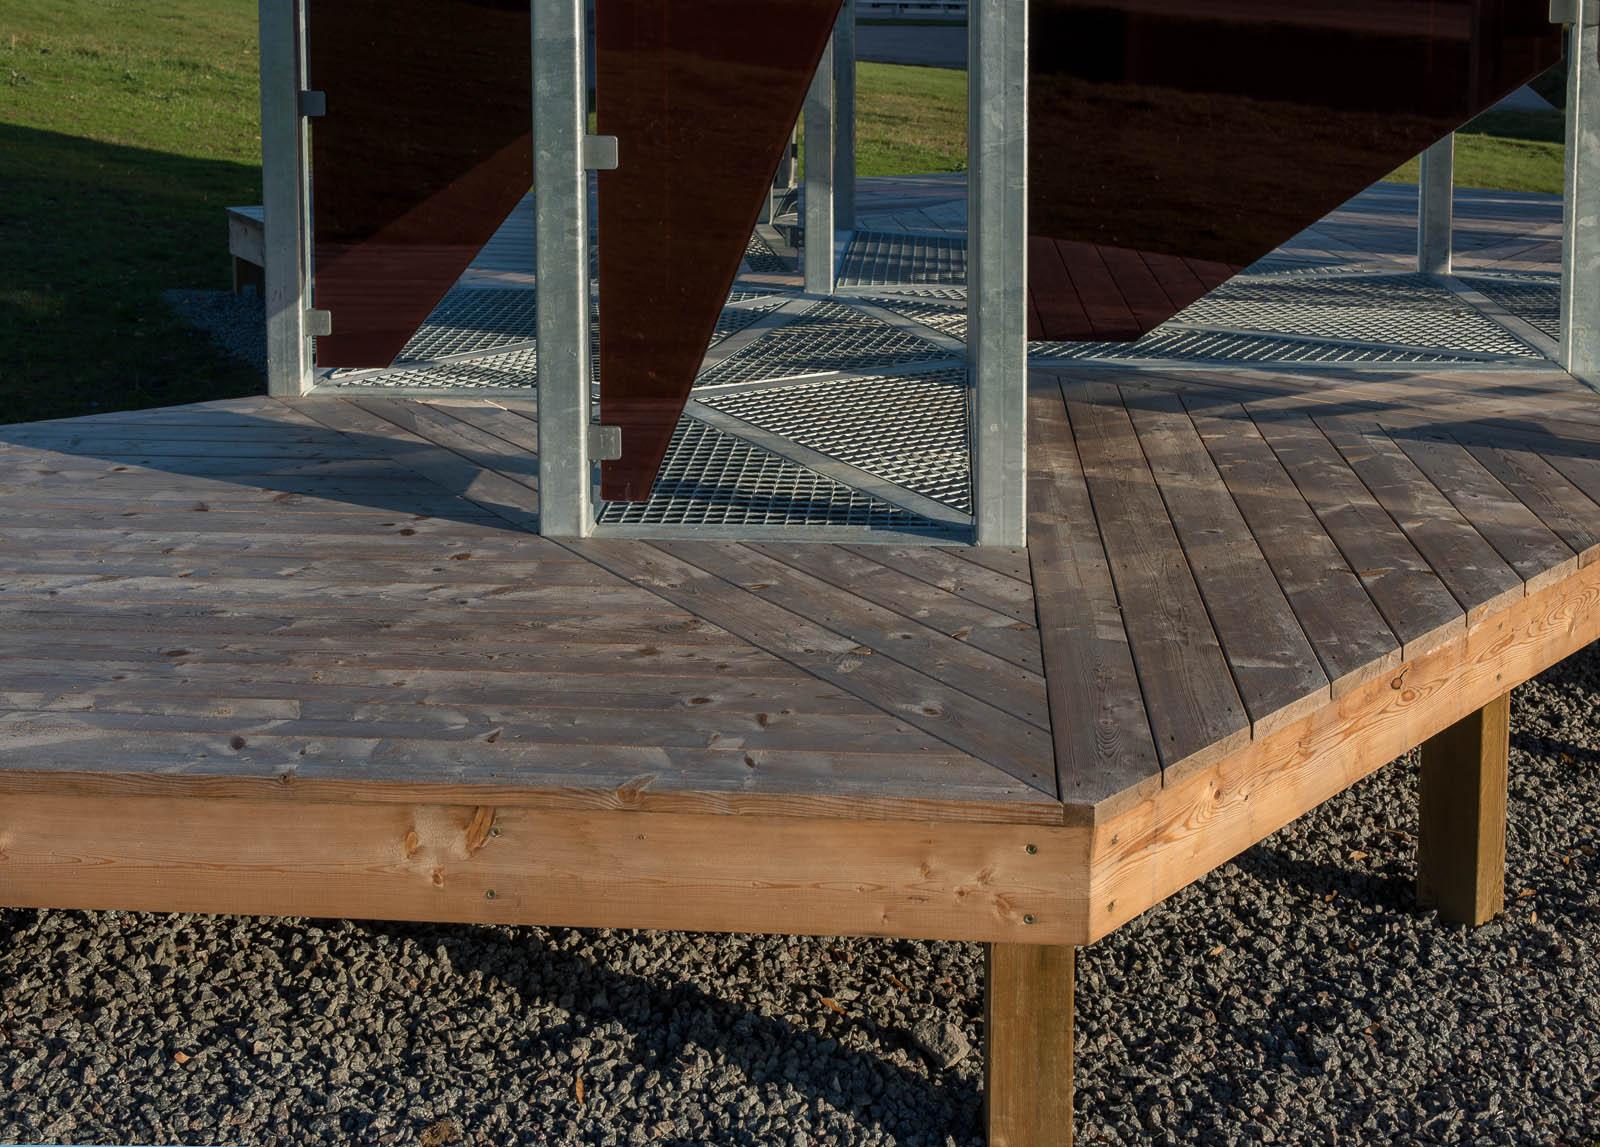 Verkets bas är ett upphöjt trägolv på grus i vilket metallstängerna med glasskivor är fästa. Patrik Aarnivaara, Tidsglänta, 2013.